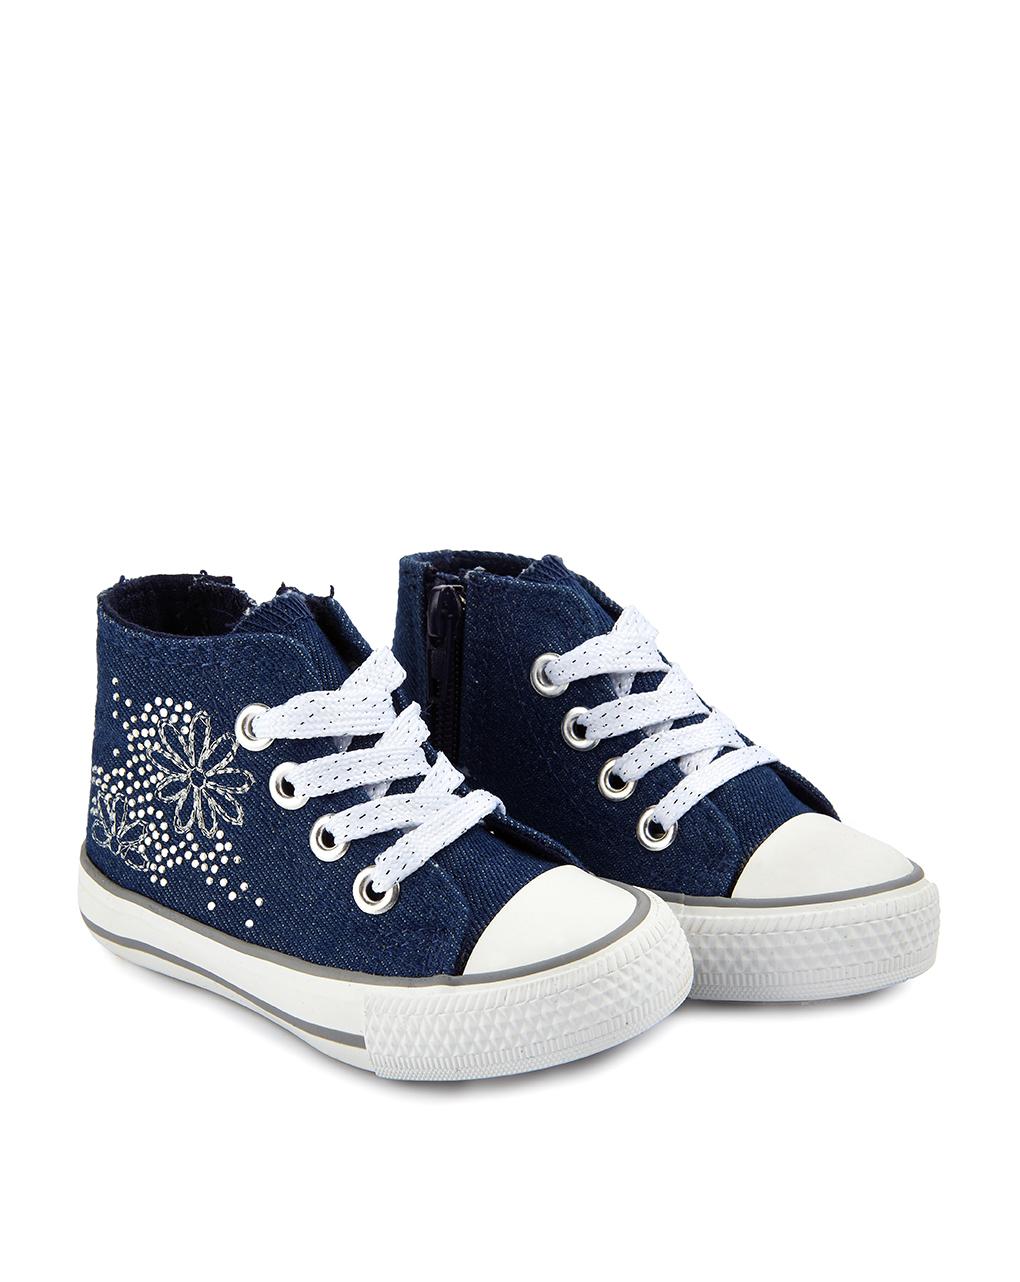 Βρεφικά Παπούτσια Αγκαλιάς Αθλητικά Denim Μπλε για Κορίτσι